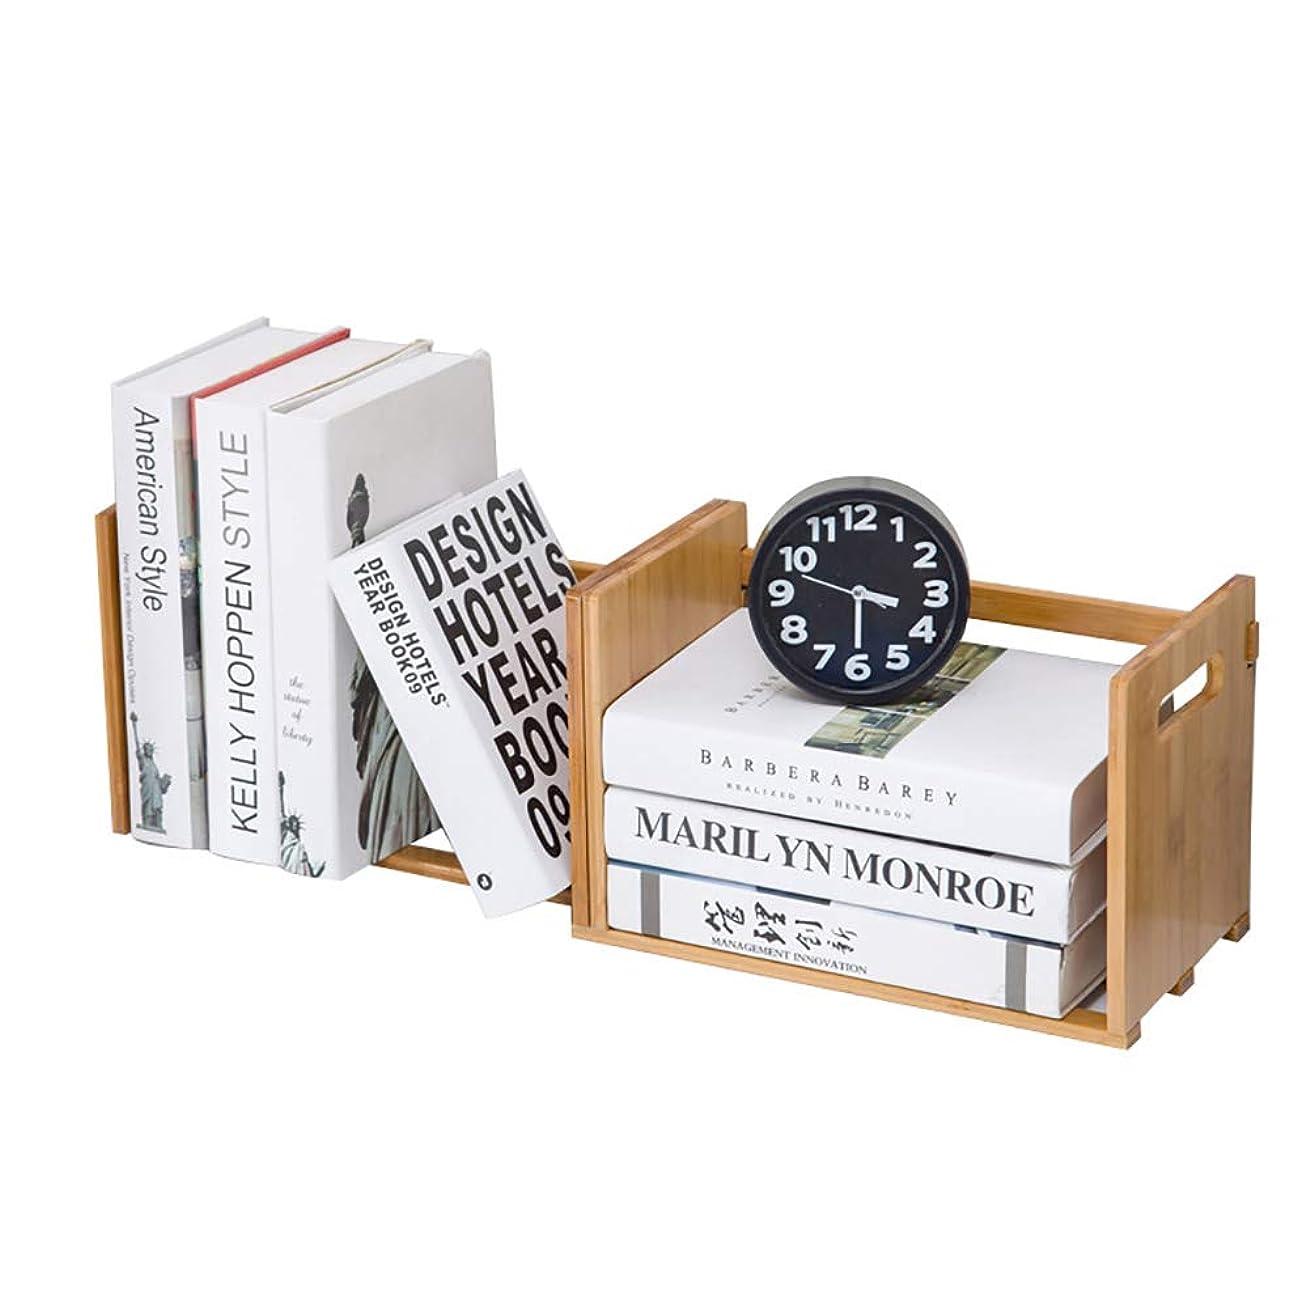 増幅器結婚した劣る無垢材 な 書棚,とろみ 延長 机の整頓 ストレージオーガナイザー 引き出し2個 オフィスや家庭に-A 61x19x22cm(24x7x9inch)